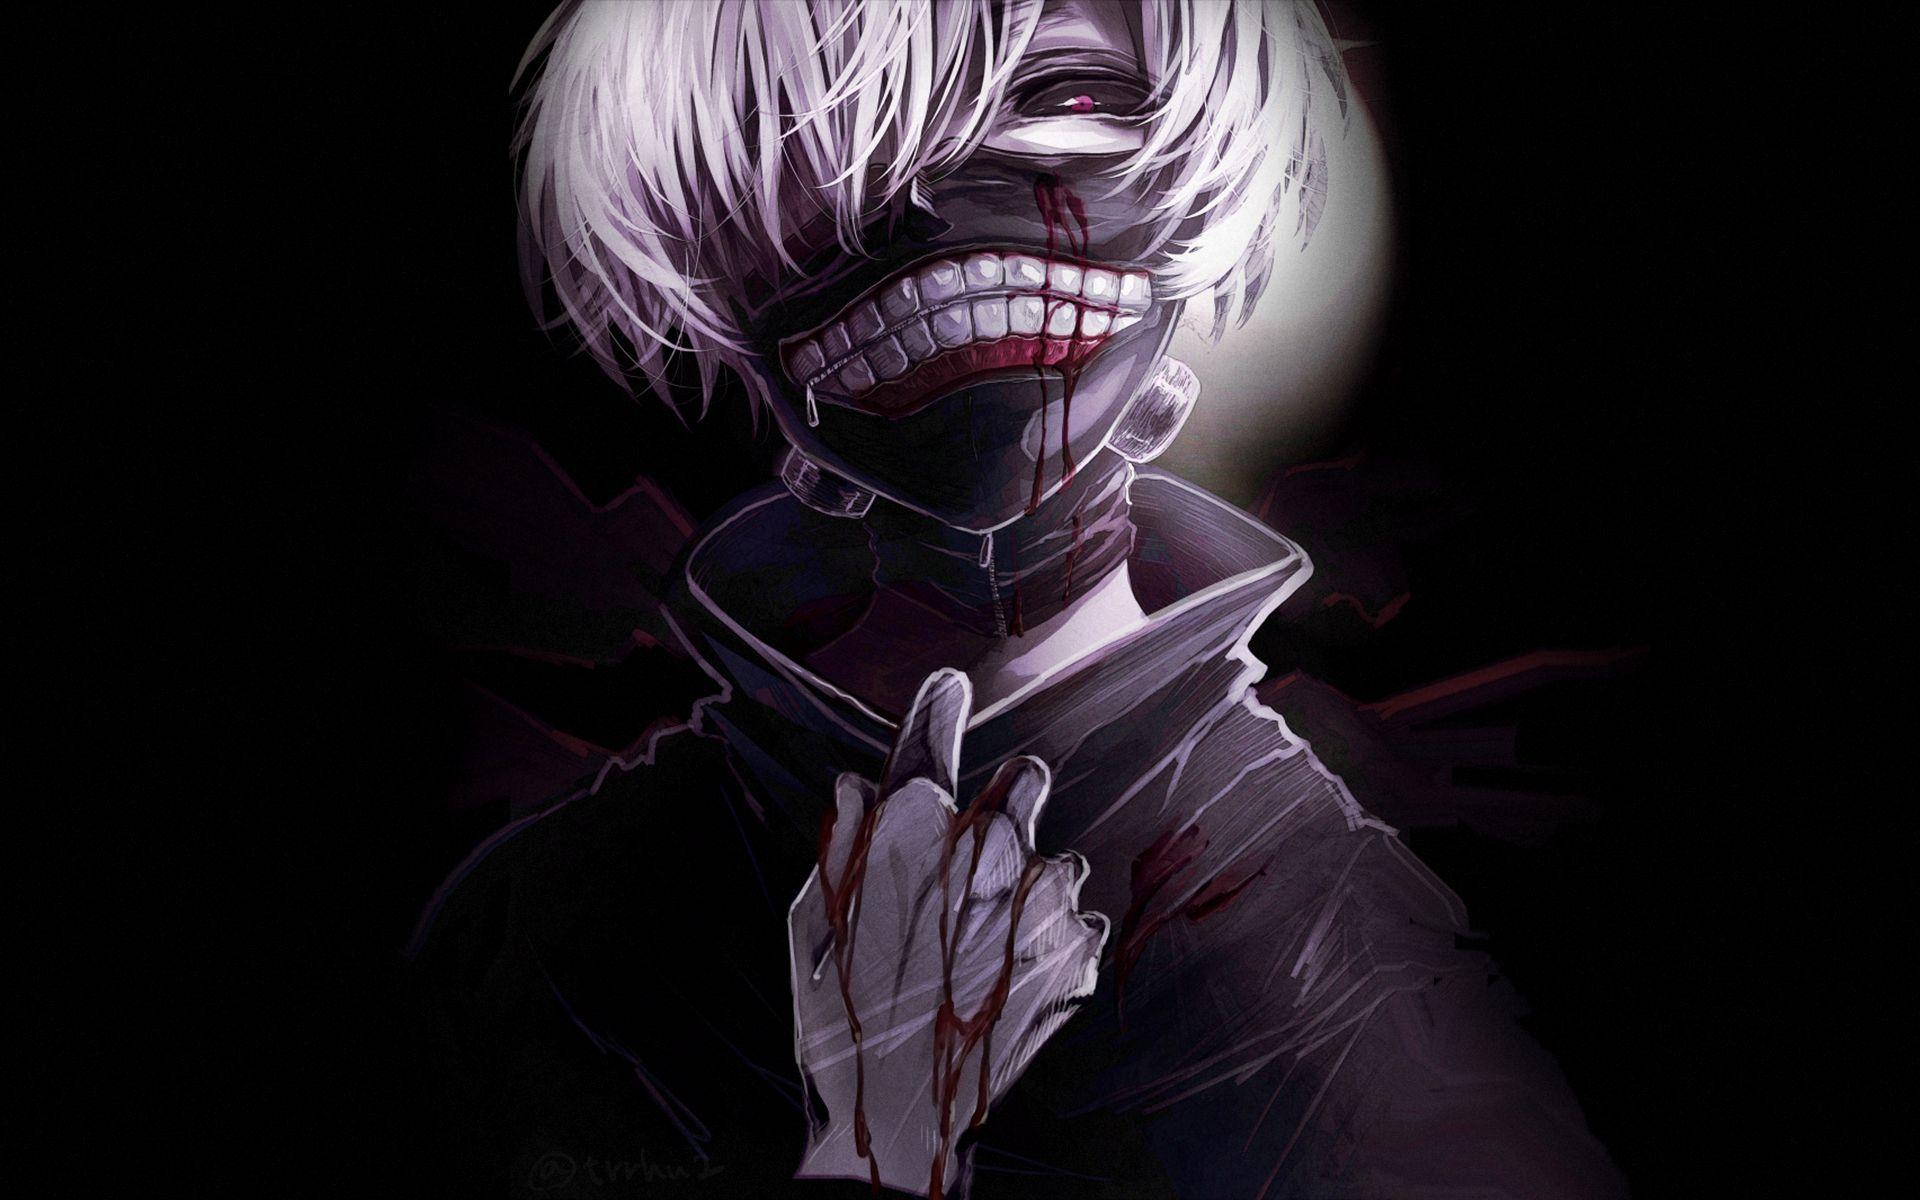 Free Tokyo Ghoul Wallpaper 095906523 290 Jpg 1920 1200 Gambar Anime Seniman Gambar